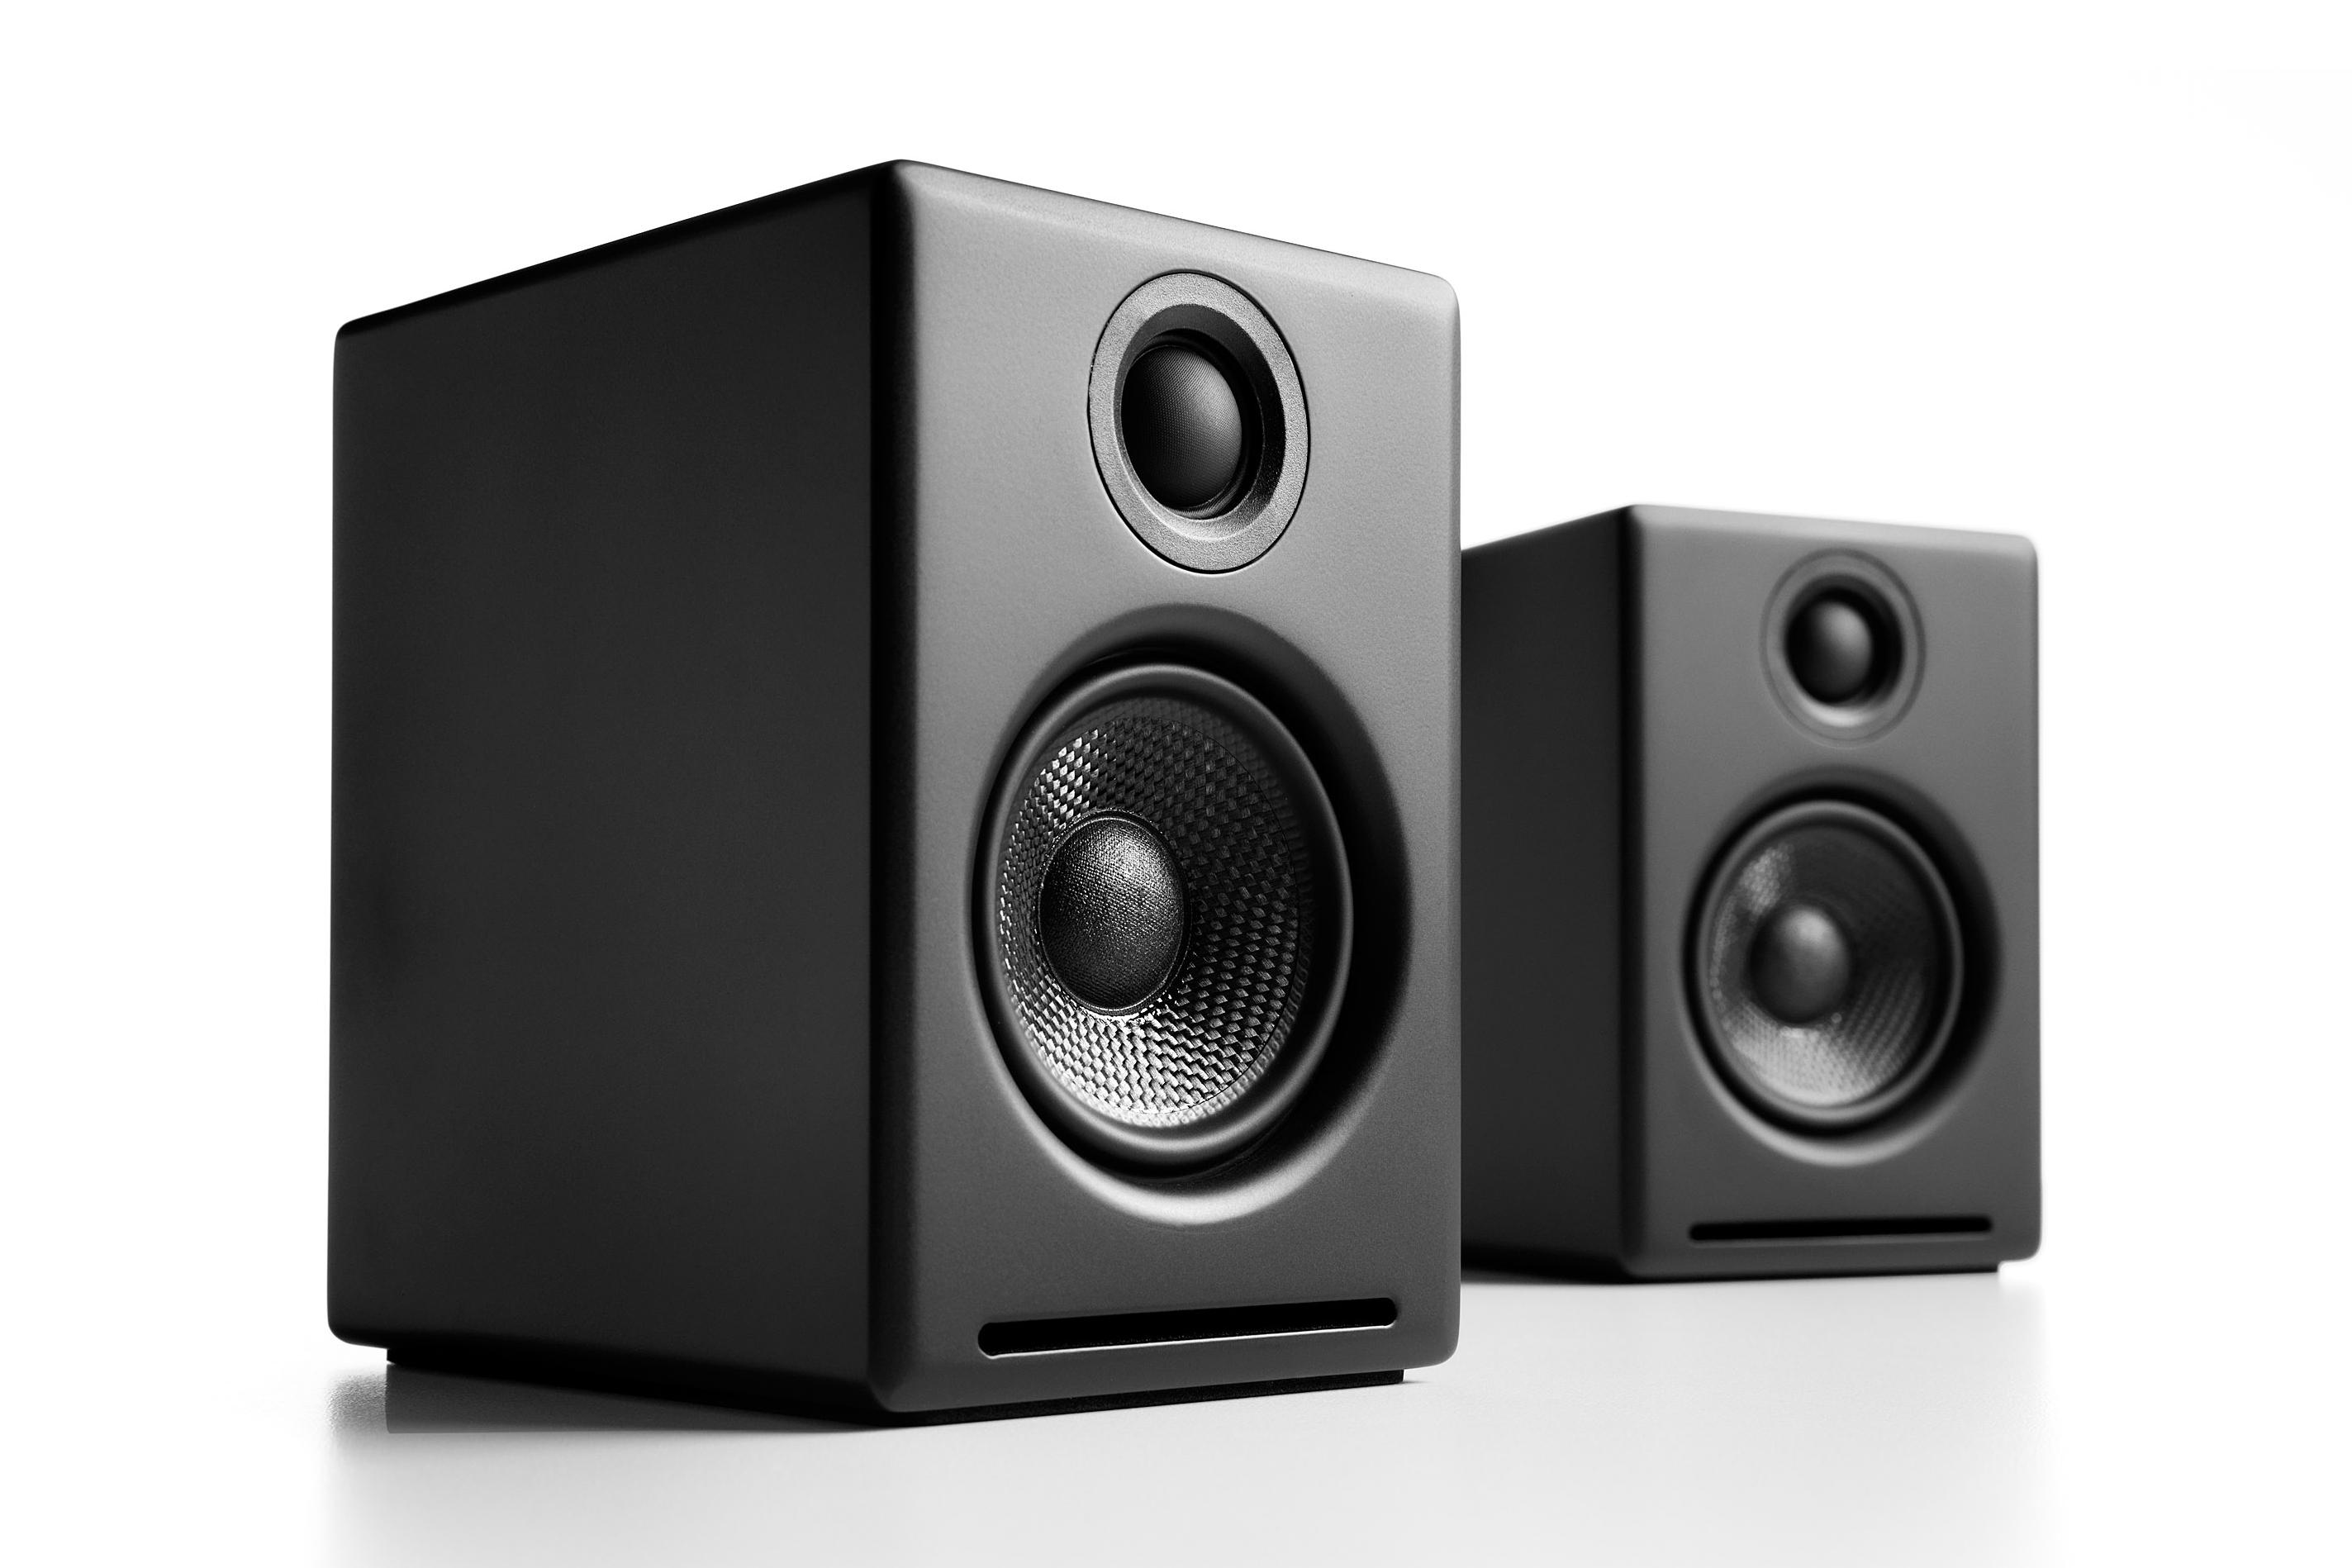 米Audioengine、BTにも対応する約3~5万円のアクティブスピーカー